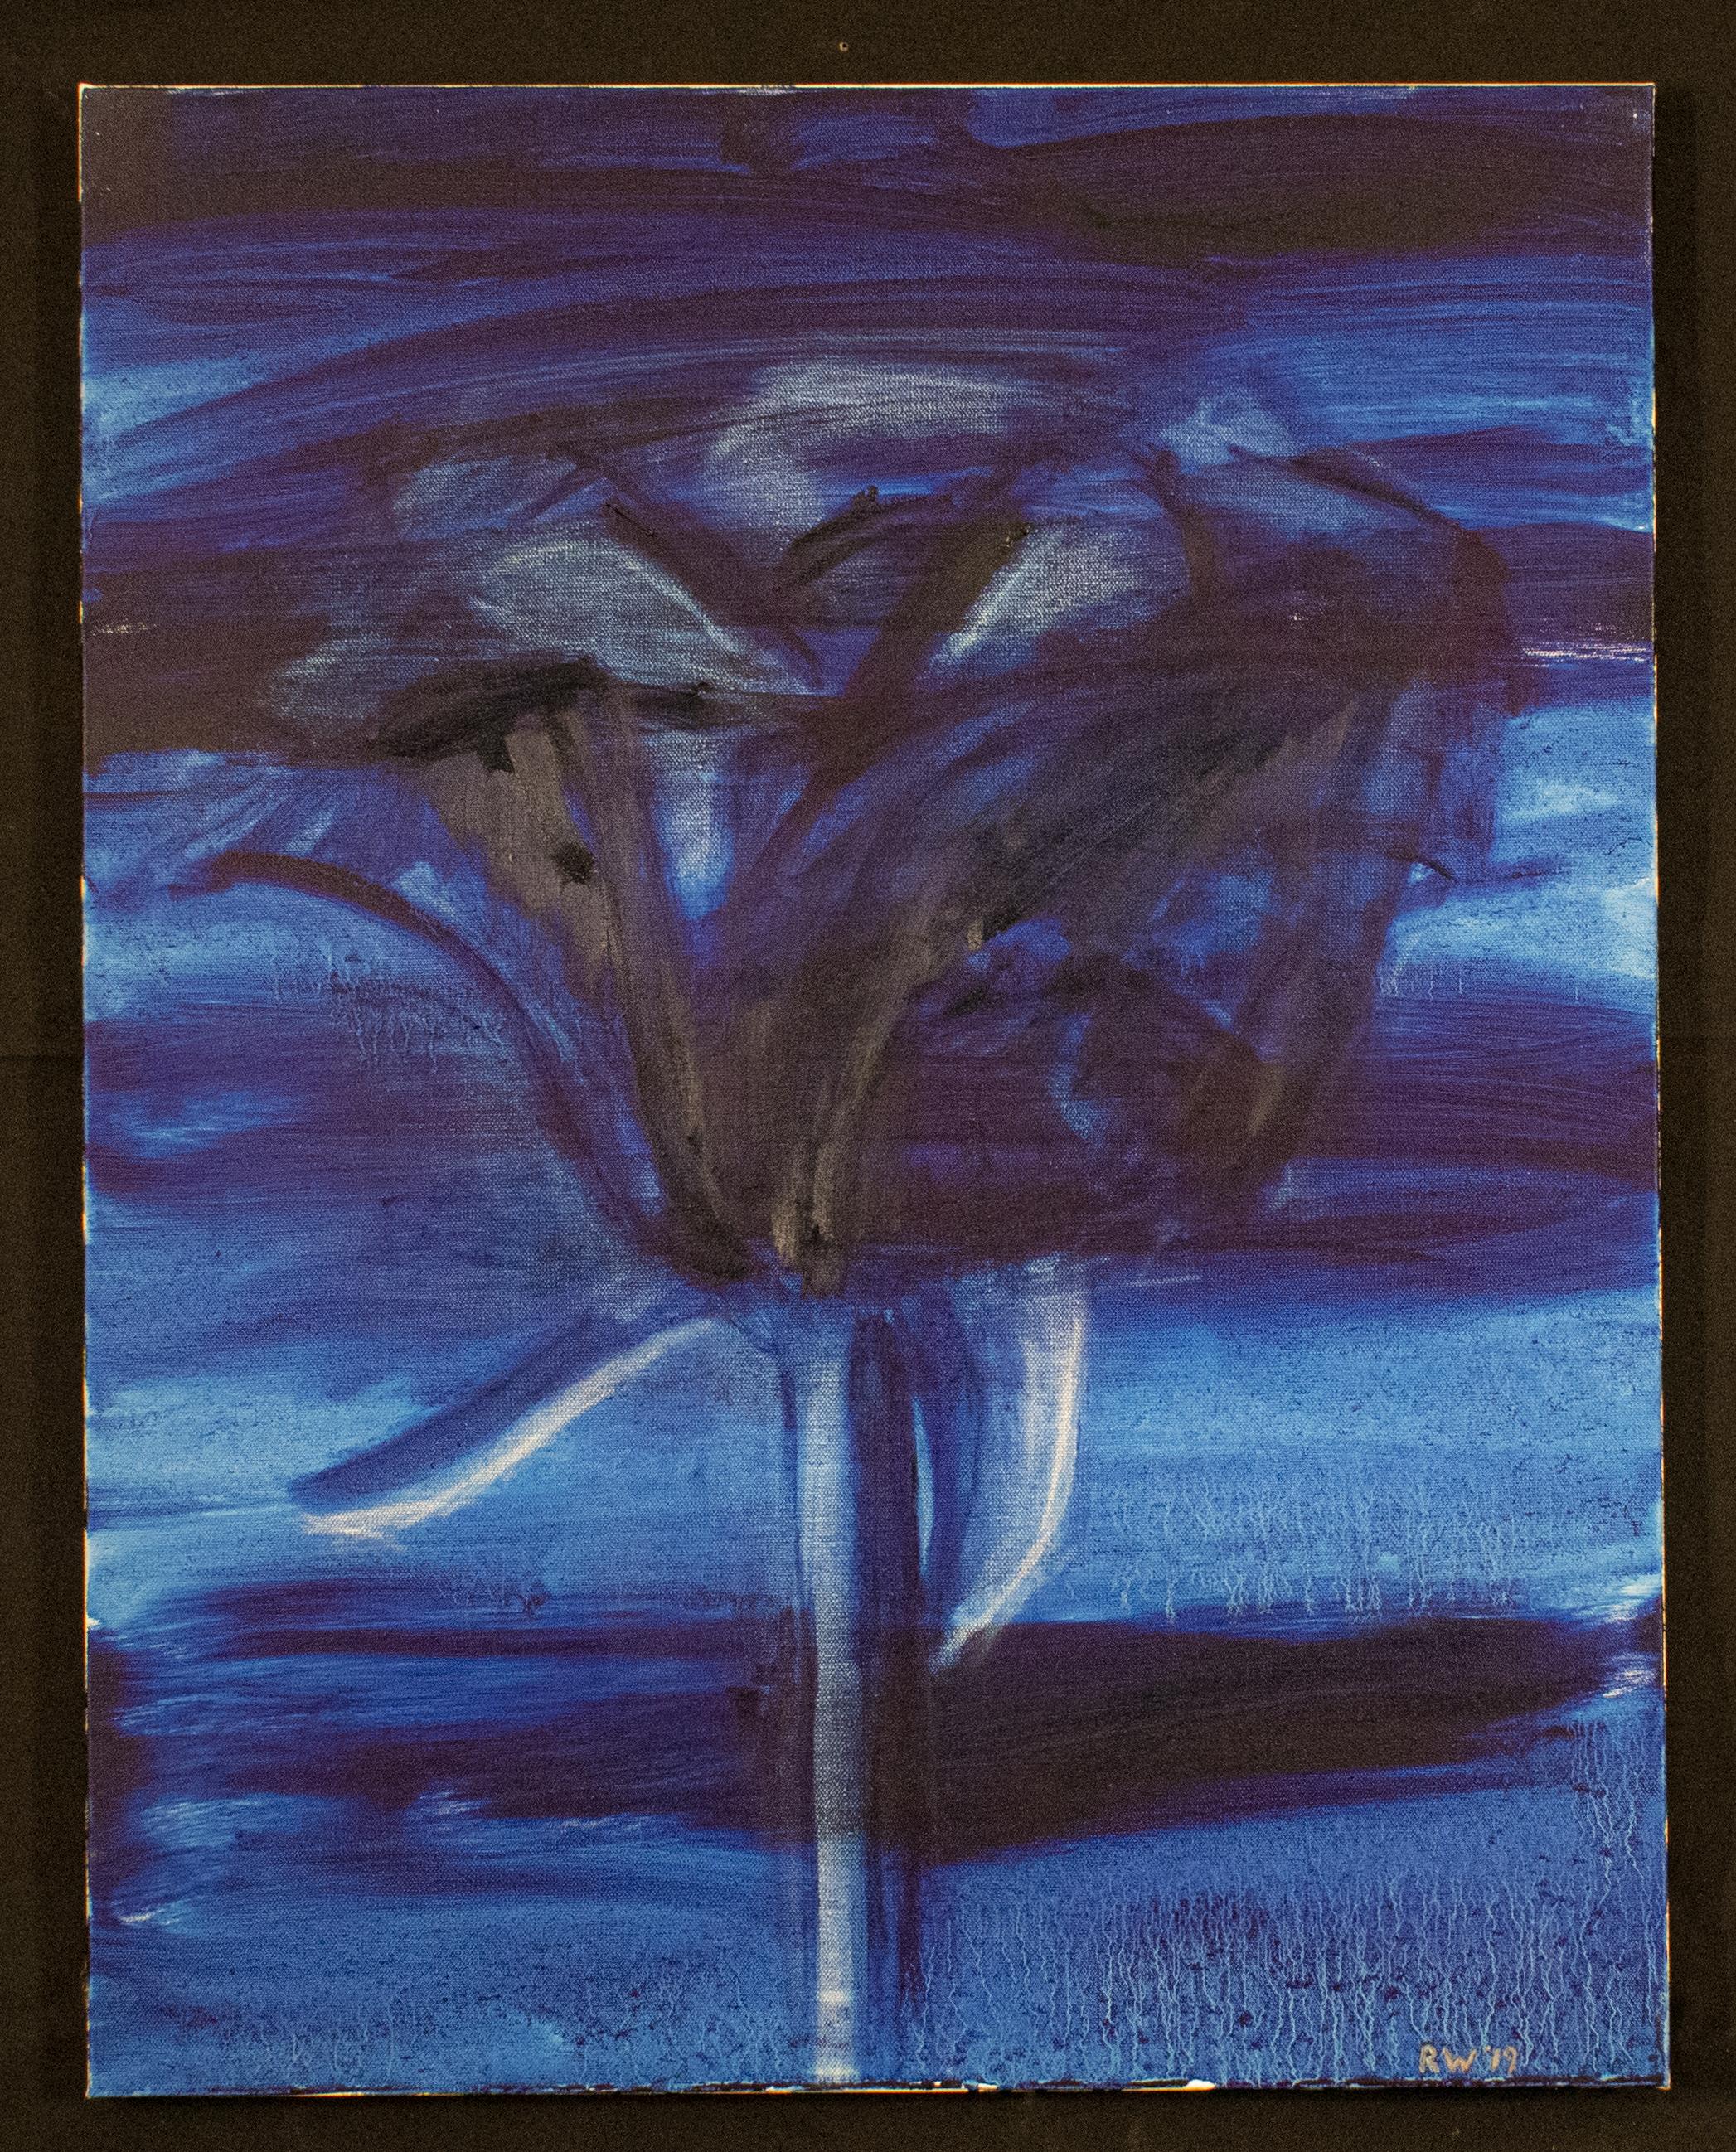 Blue Rose #1